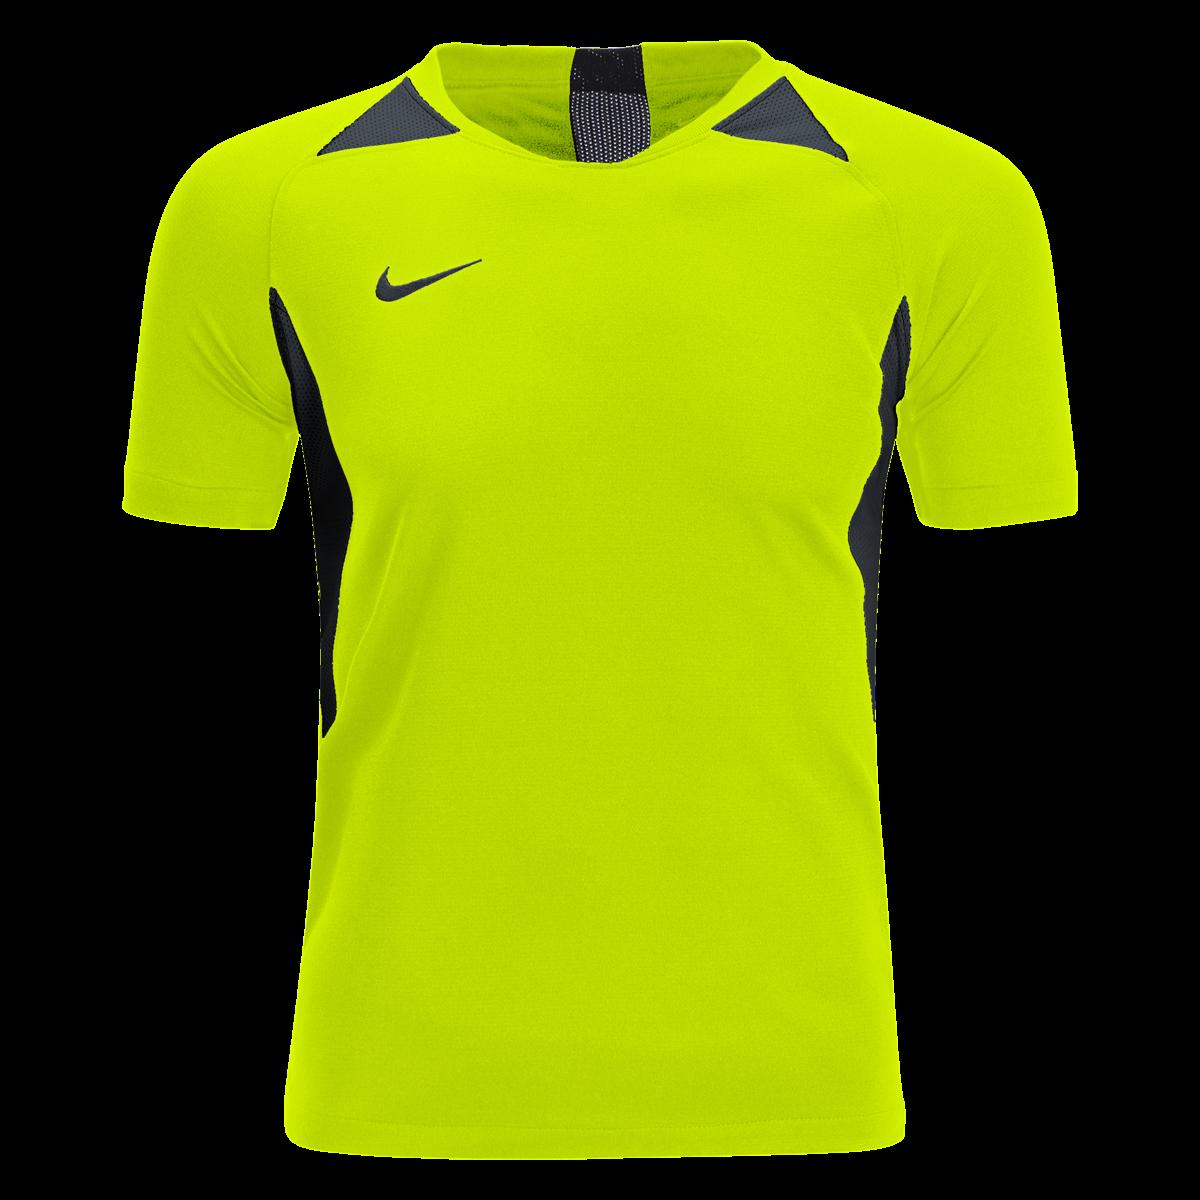 Nike Legend Jerseyblackxl in 2020 Workout tops, Nike